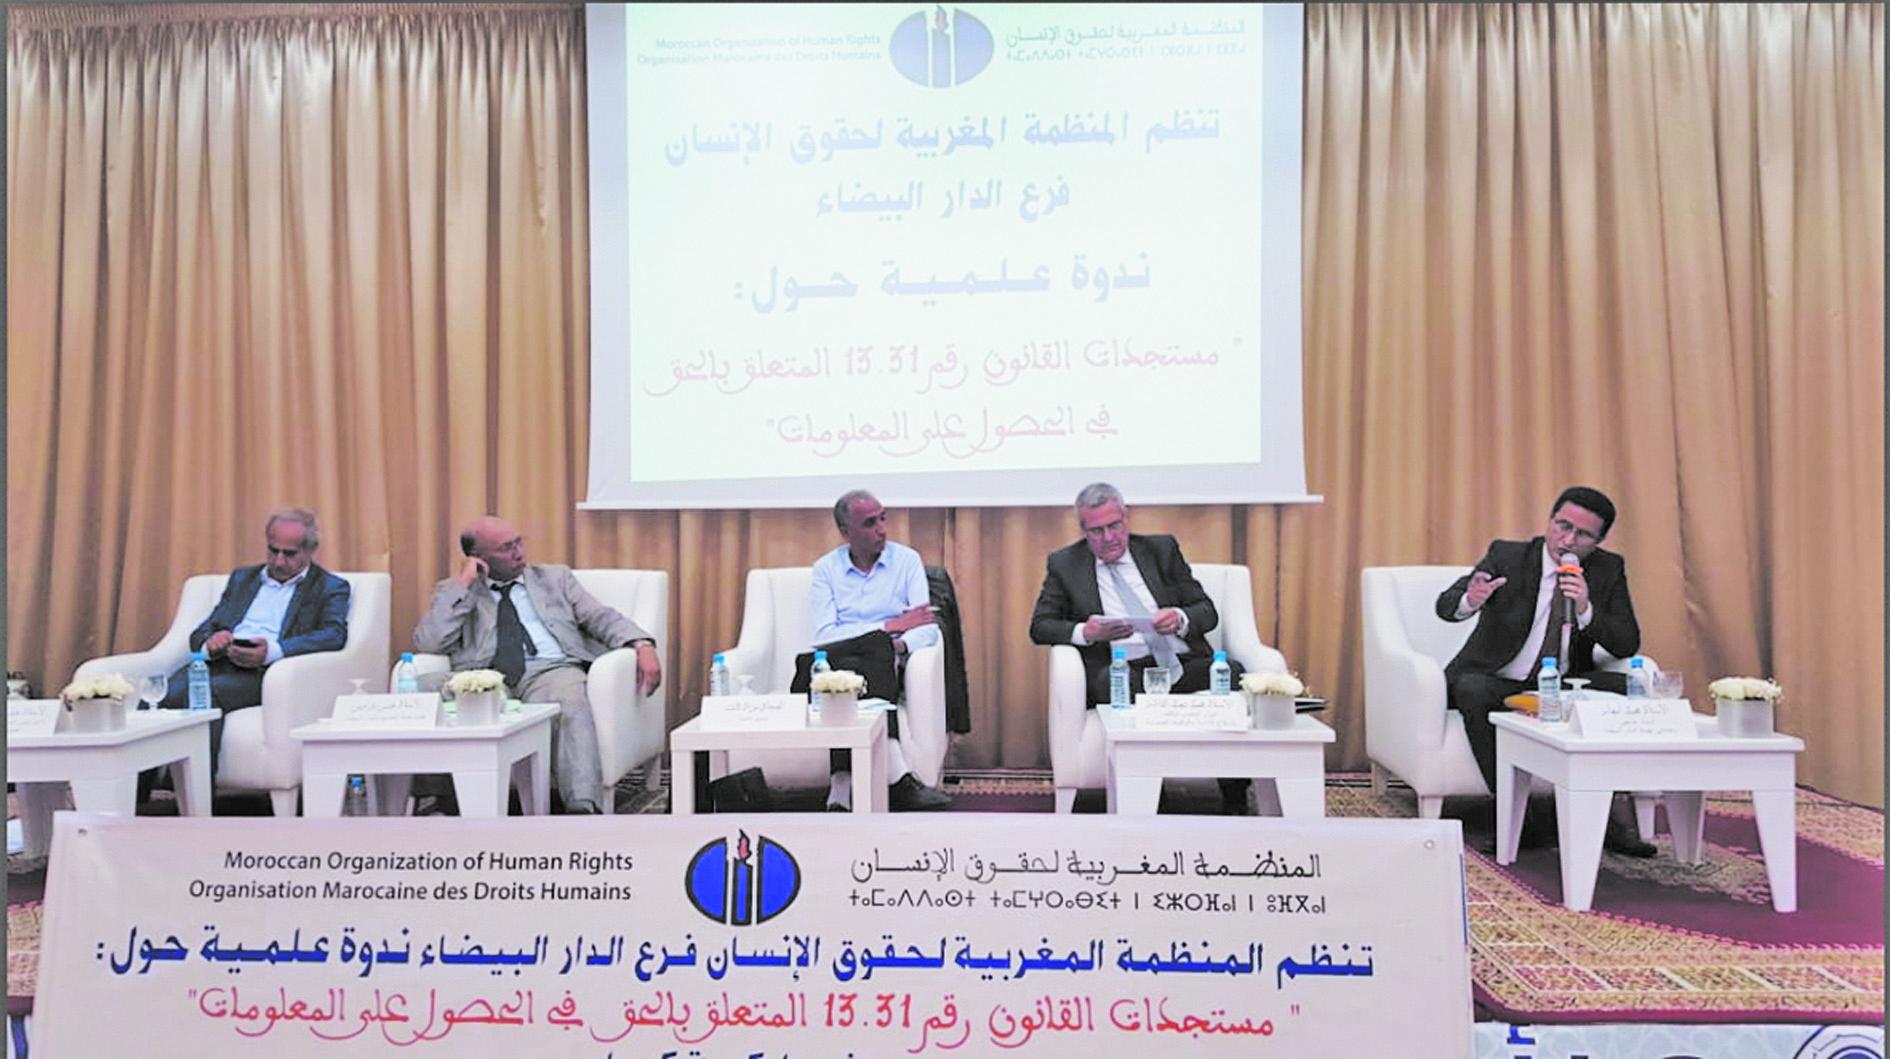 Mohamed Benabdelkader : Il est nécessaire de renforcer la confiance entre l'administration et les citoyens